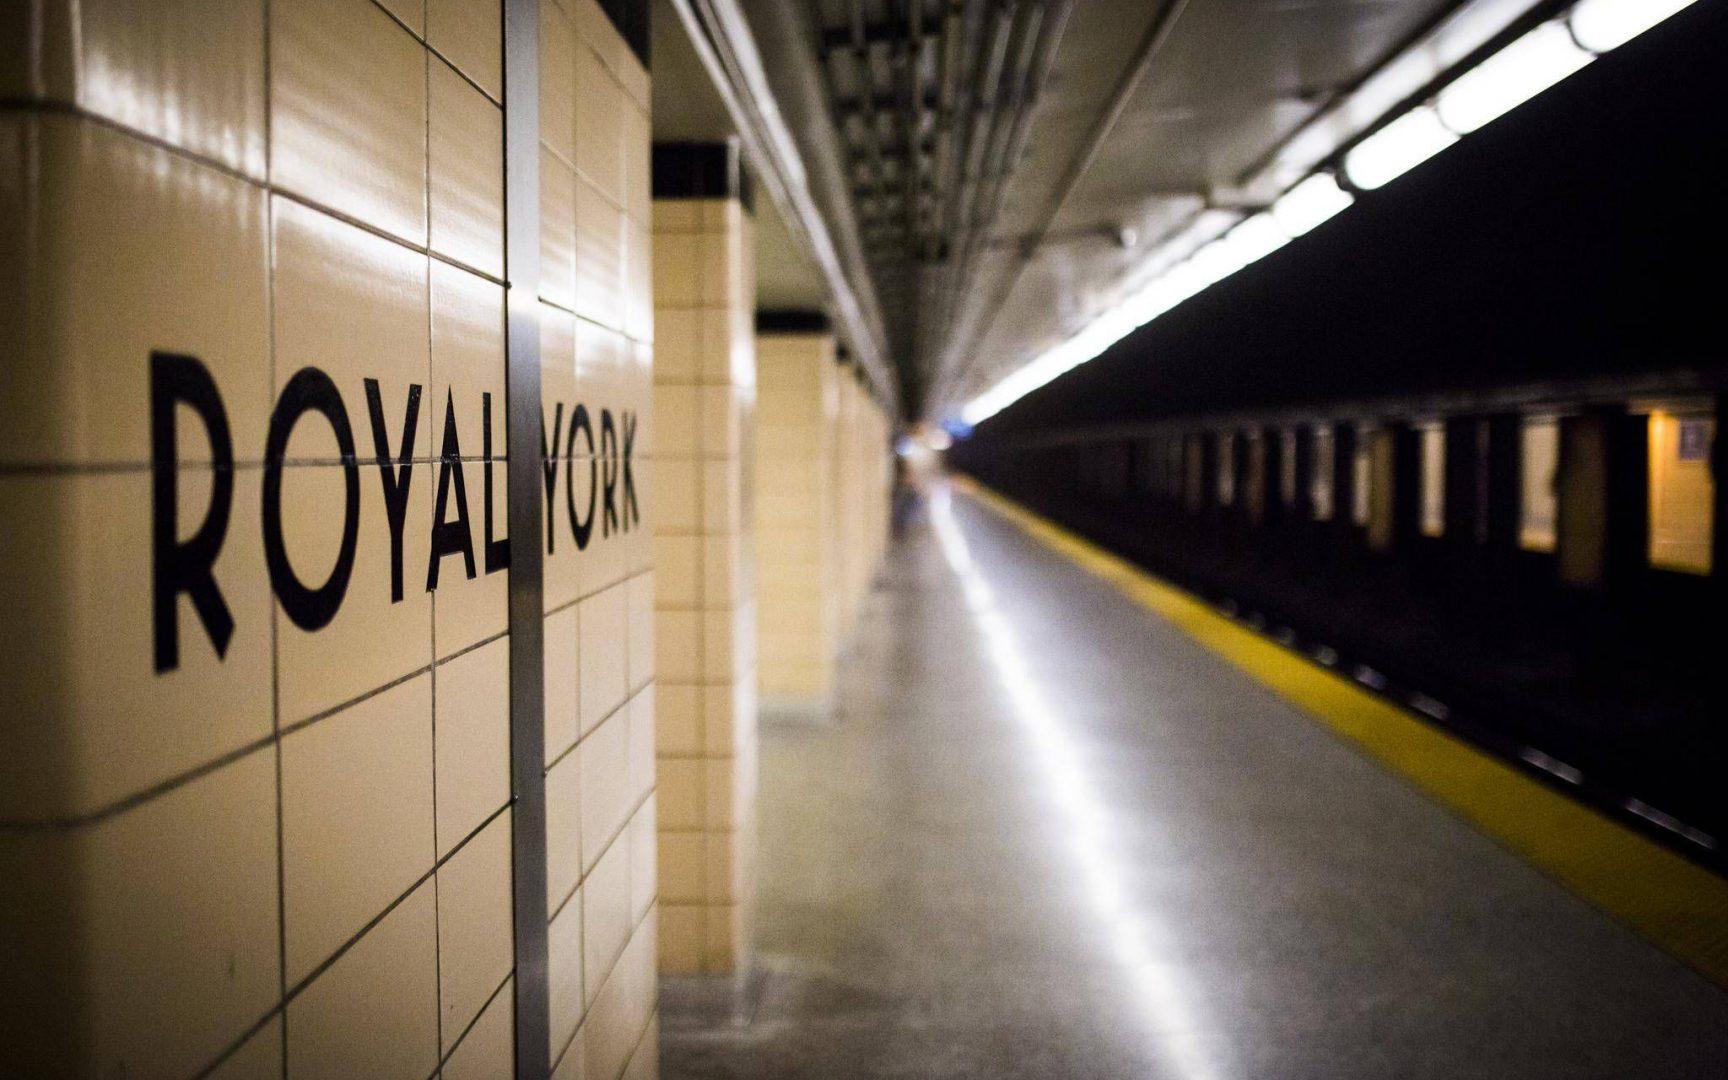 Royal York Station